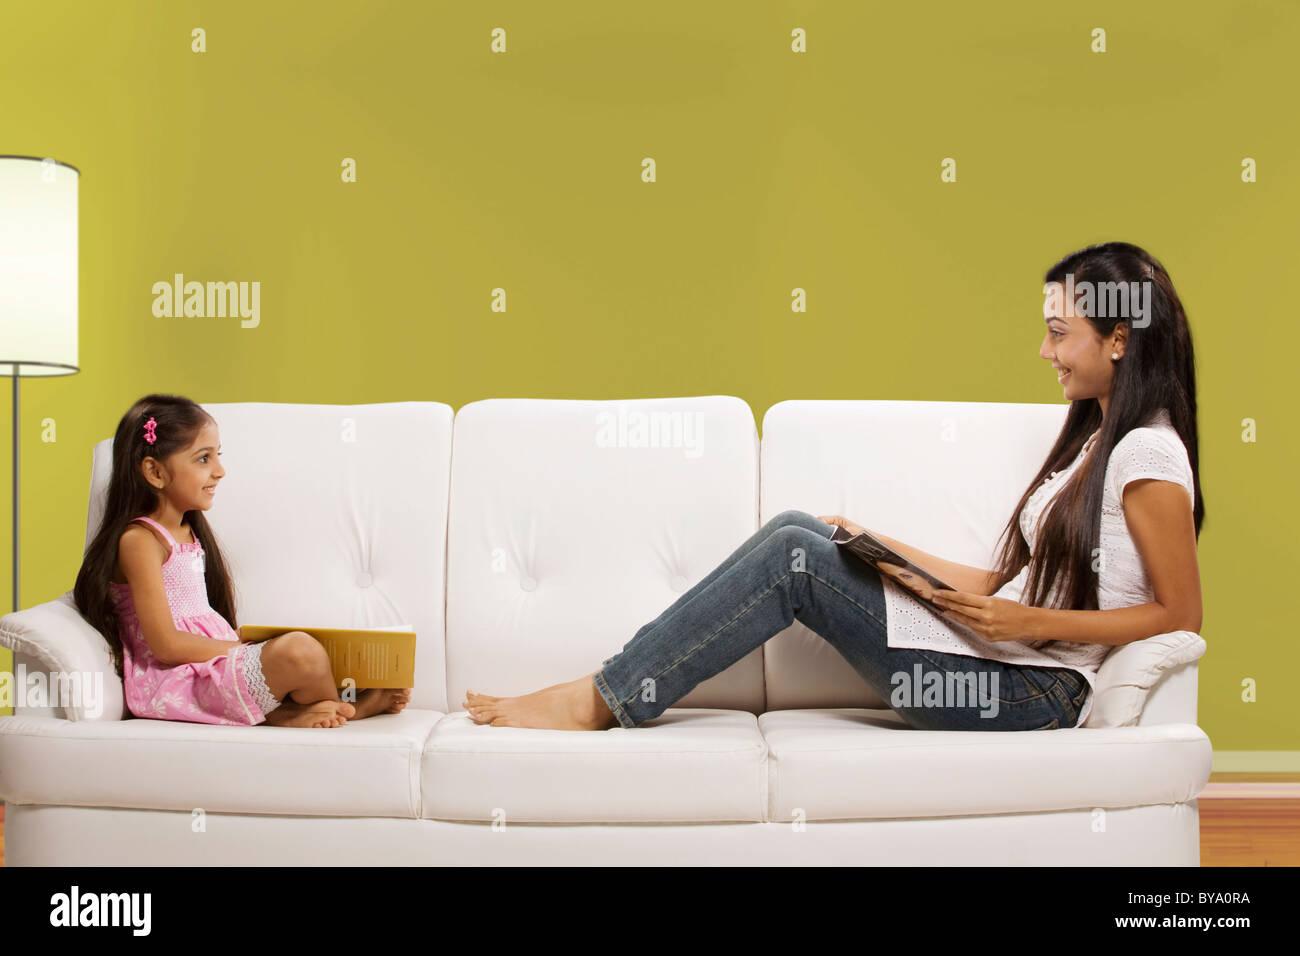 Mutter und Tochter sitzen auf einem sofa Stockbild